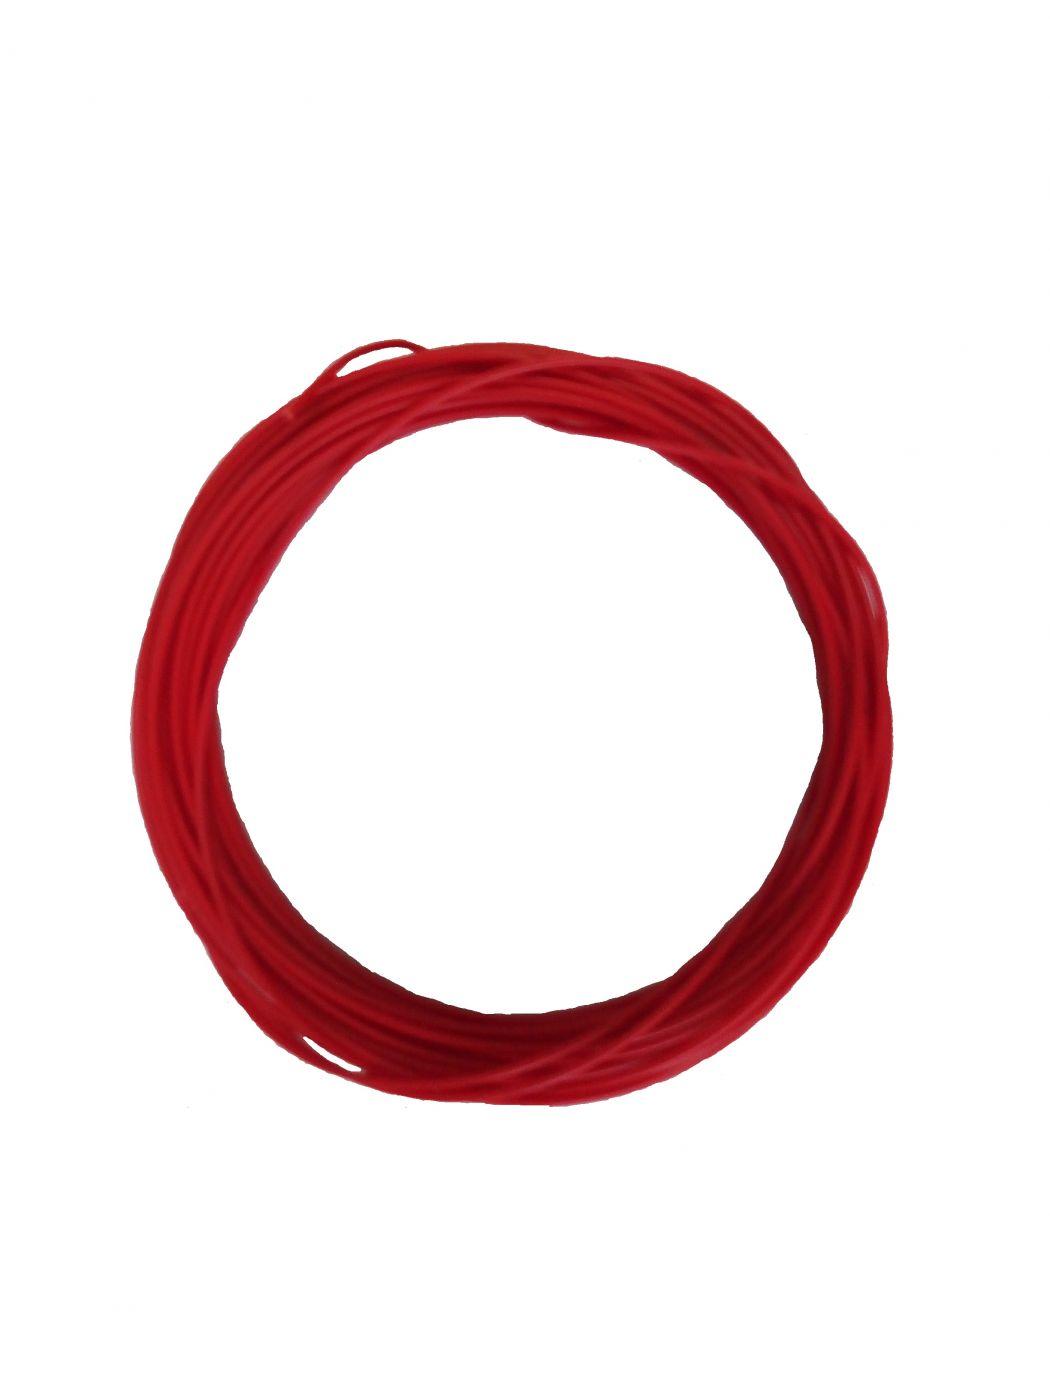 Пластик для 3d ручки ABS красный 10м